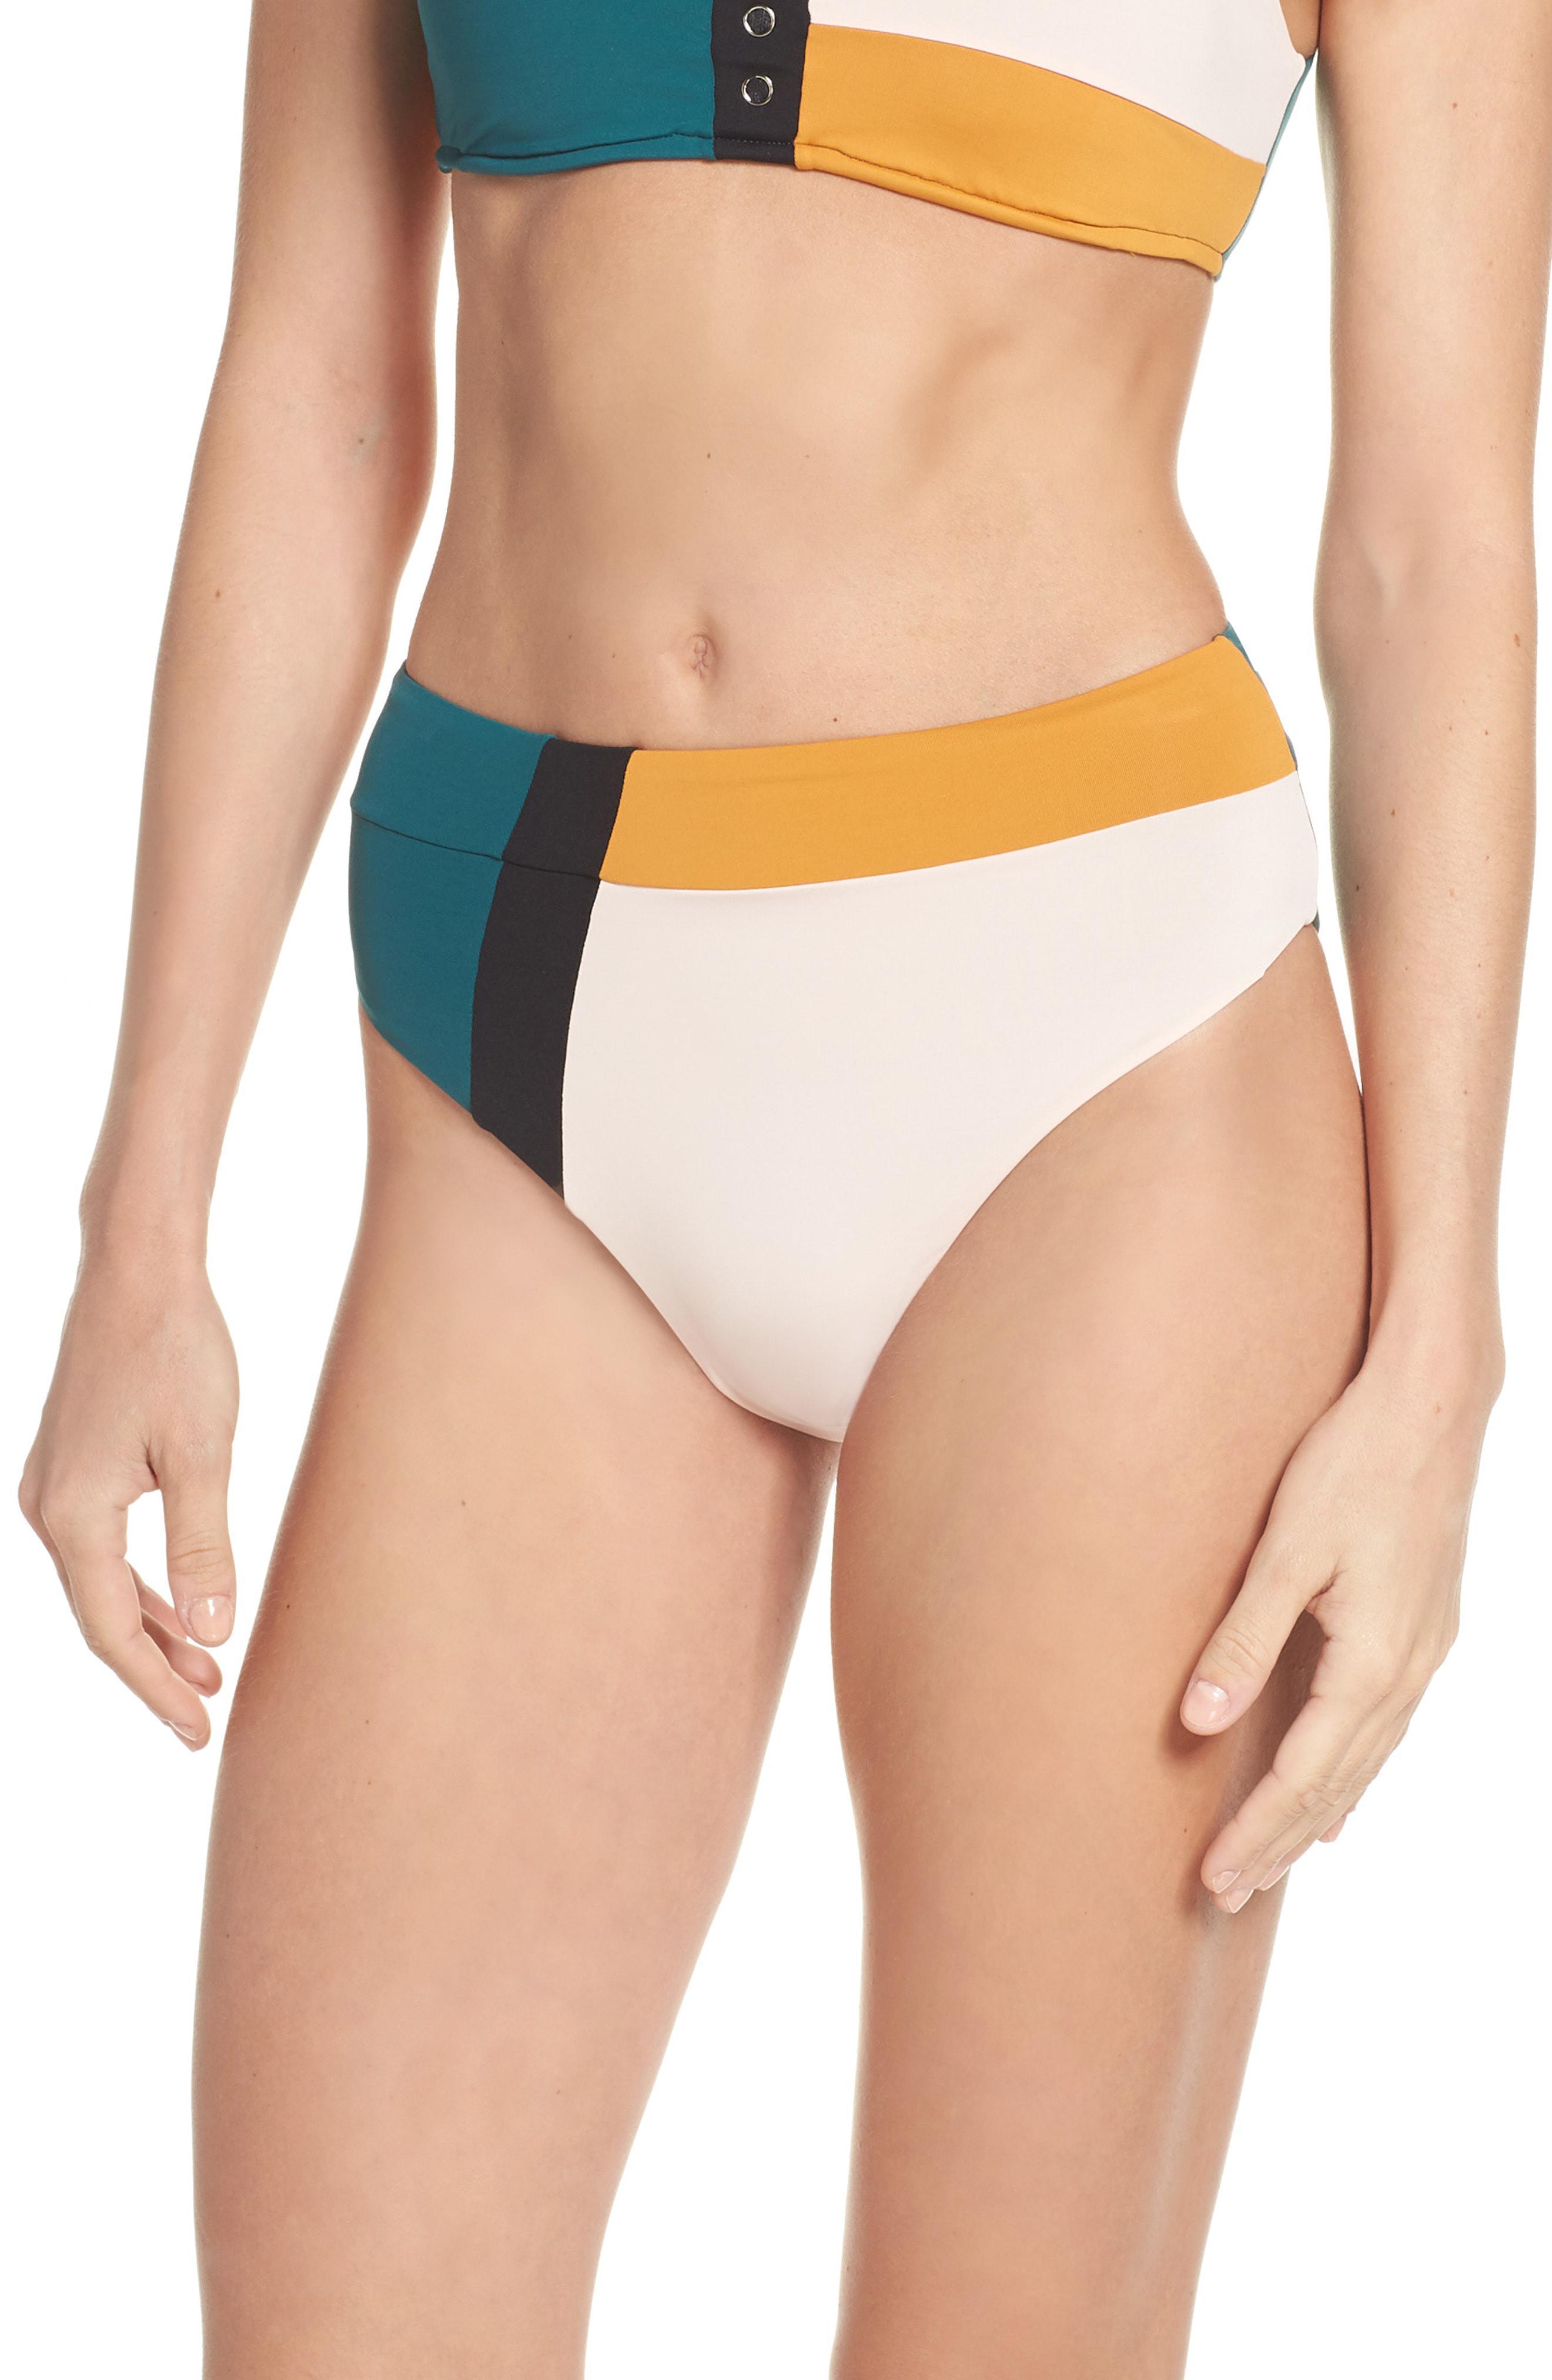 d7160079dd0bc Seafolly. Women's Aralia High Waist Bikini Bottoms